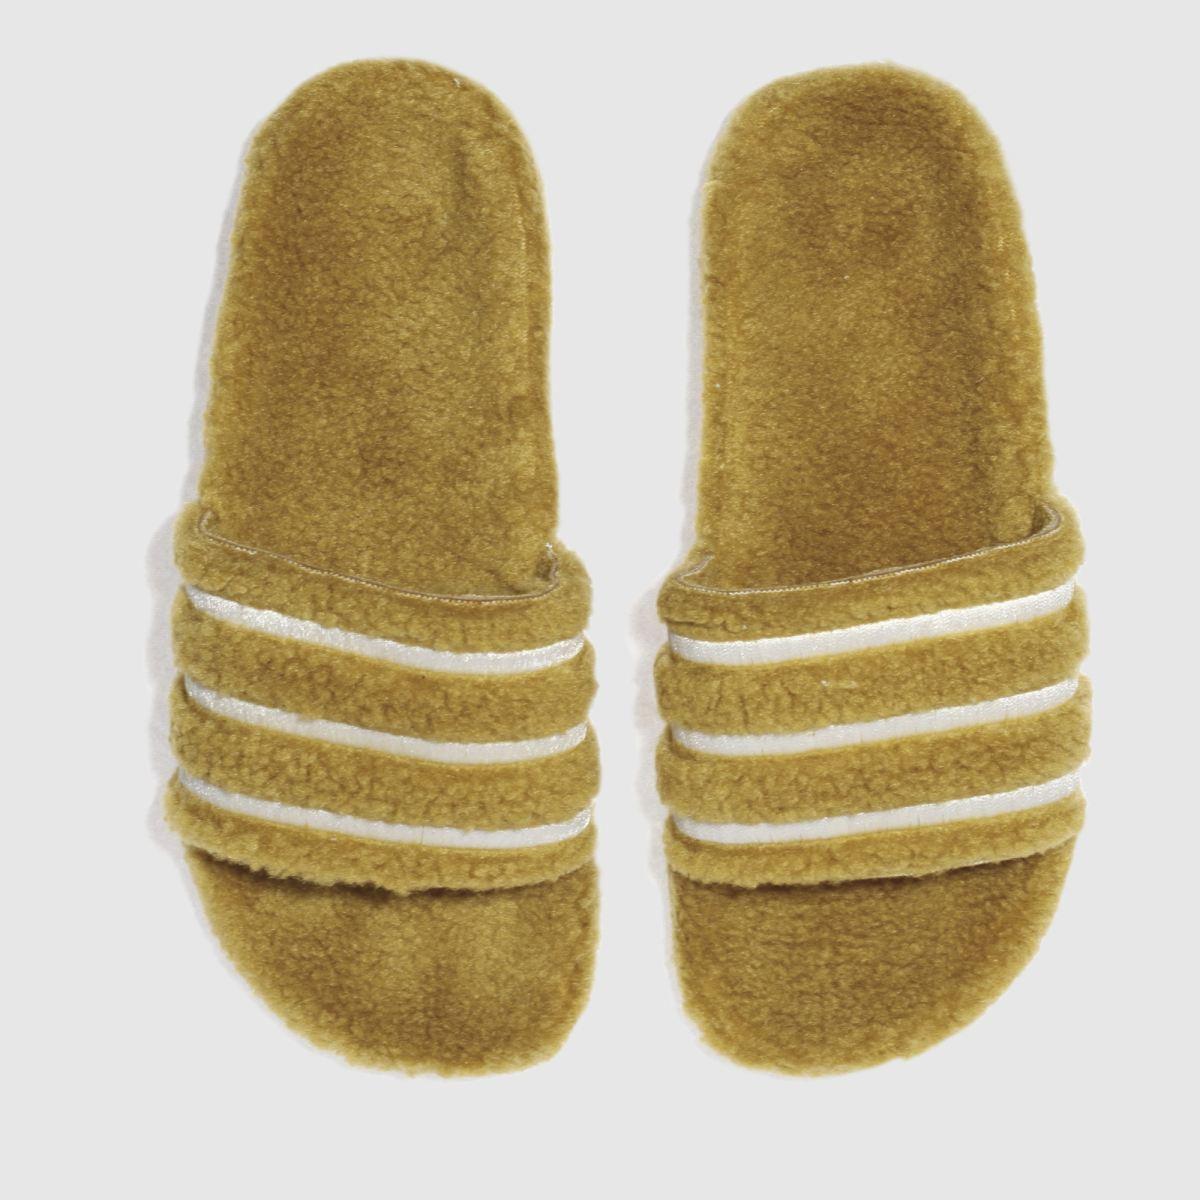 adidas mustard adilette teddy sandals